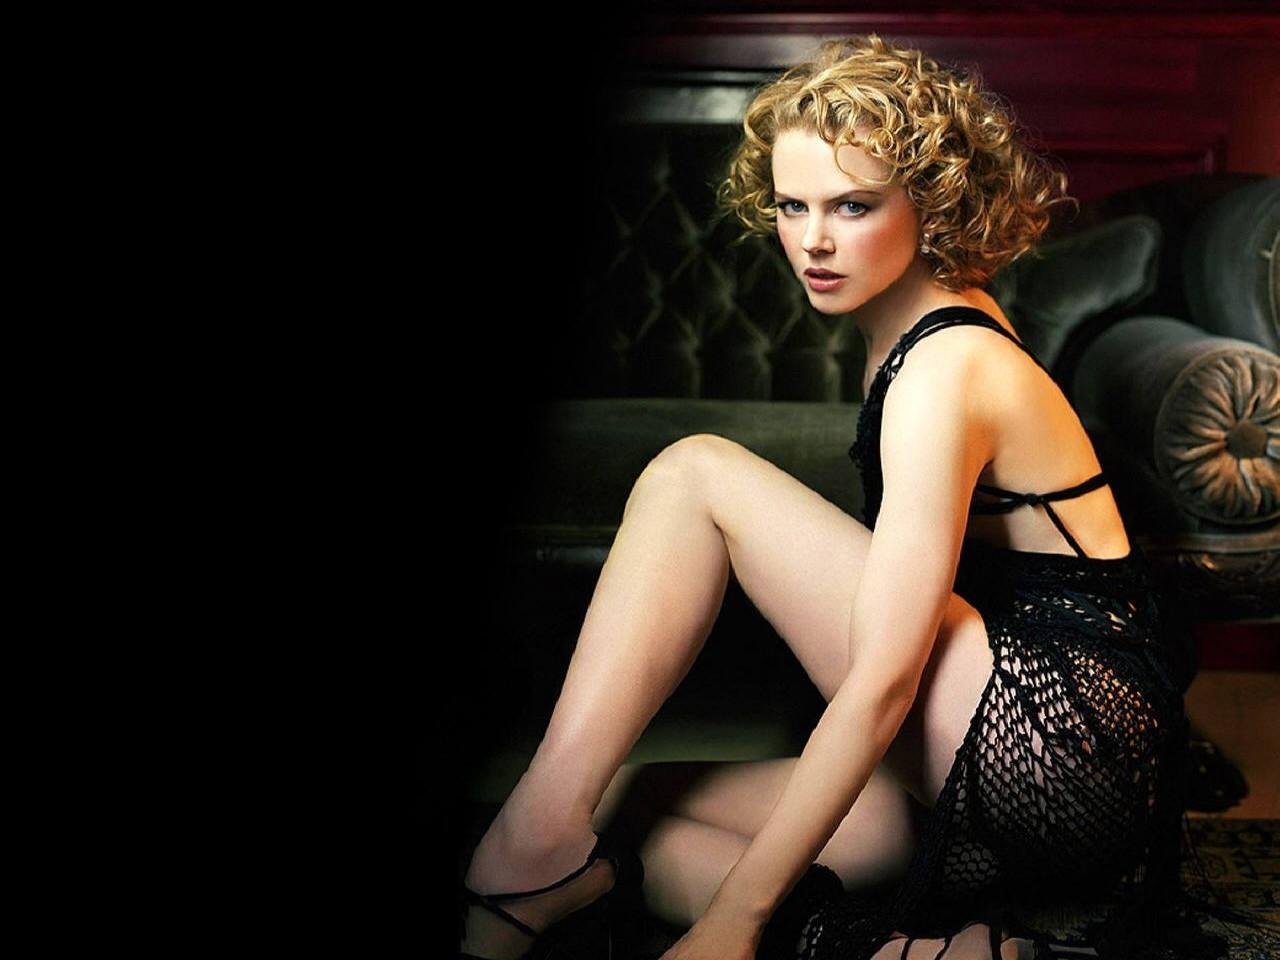 Wallpaper di Nicole Kidman, sensuale e raffinata al tempo stesso